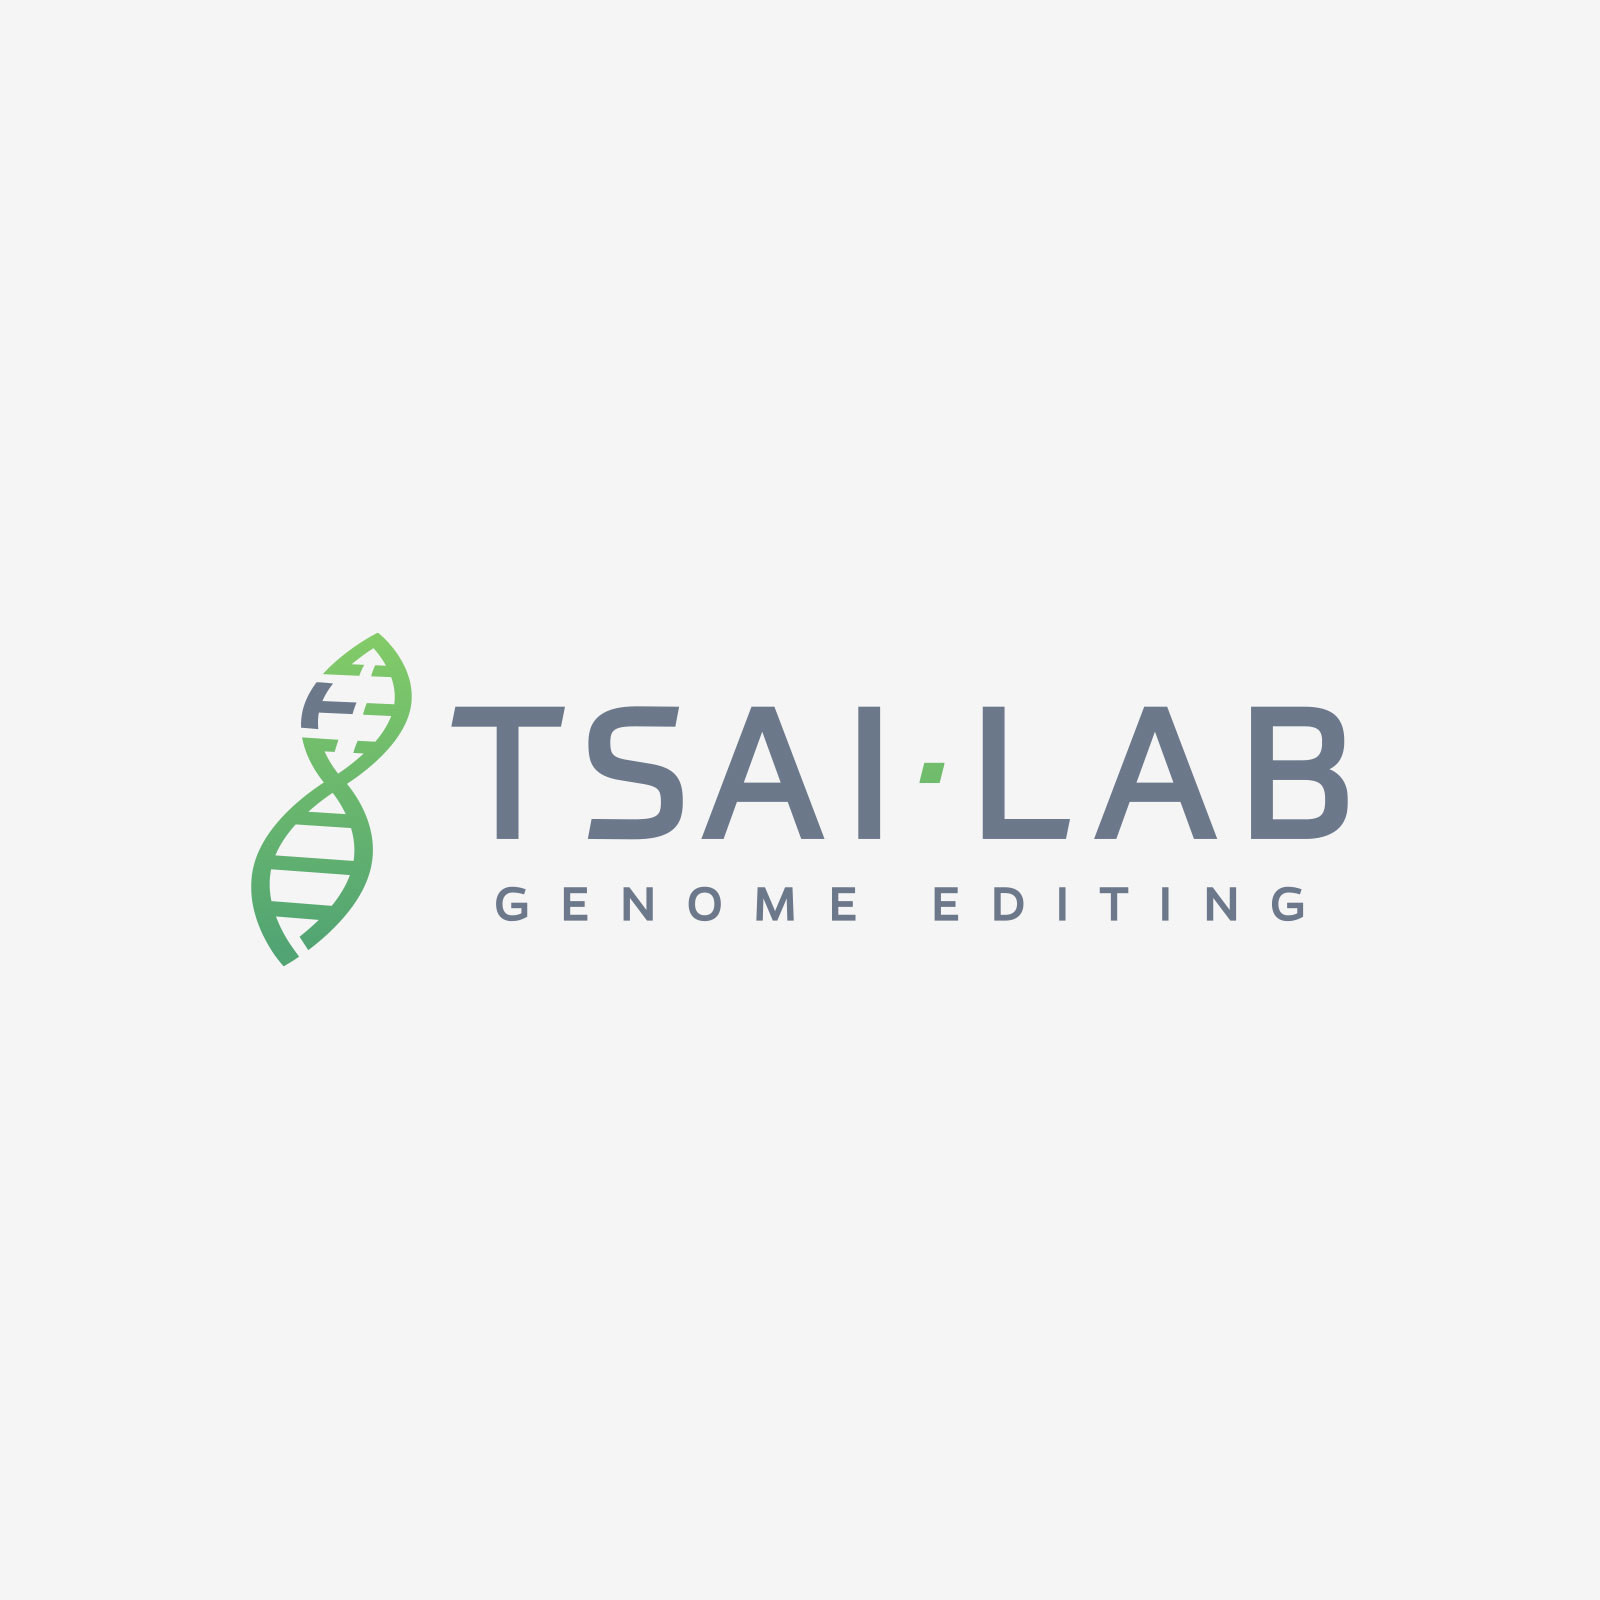 eximdesign_tsailab_1.jpg